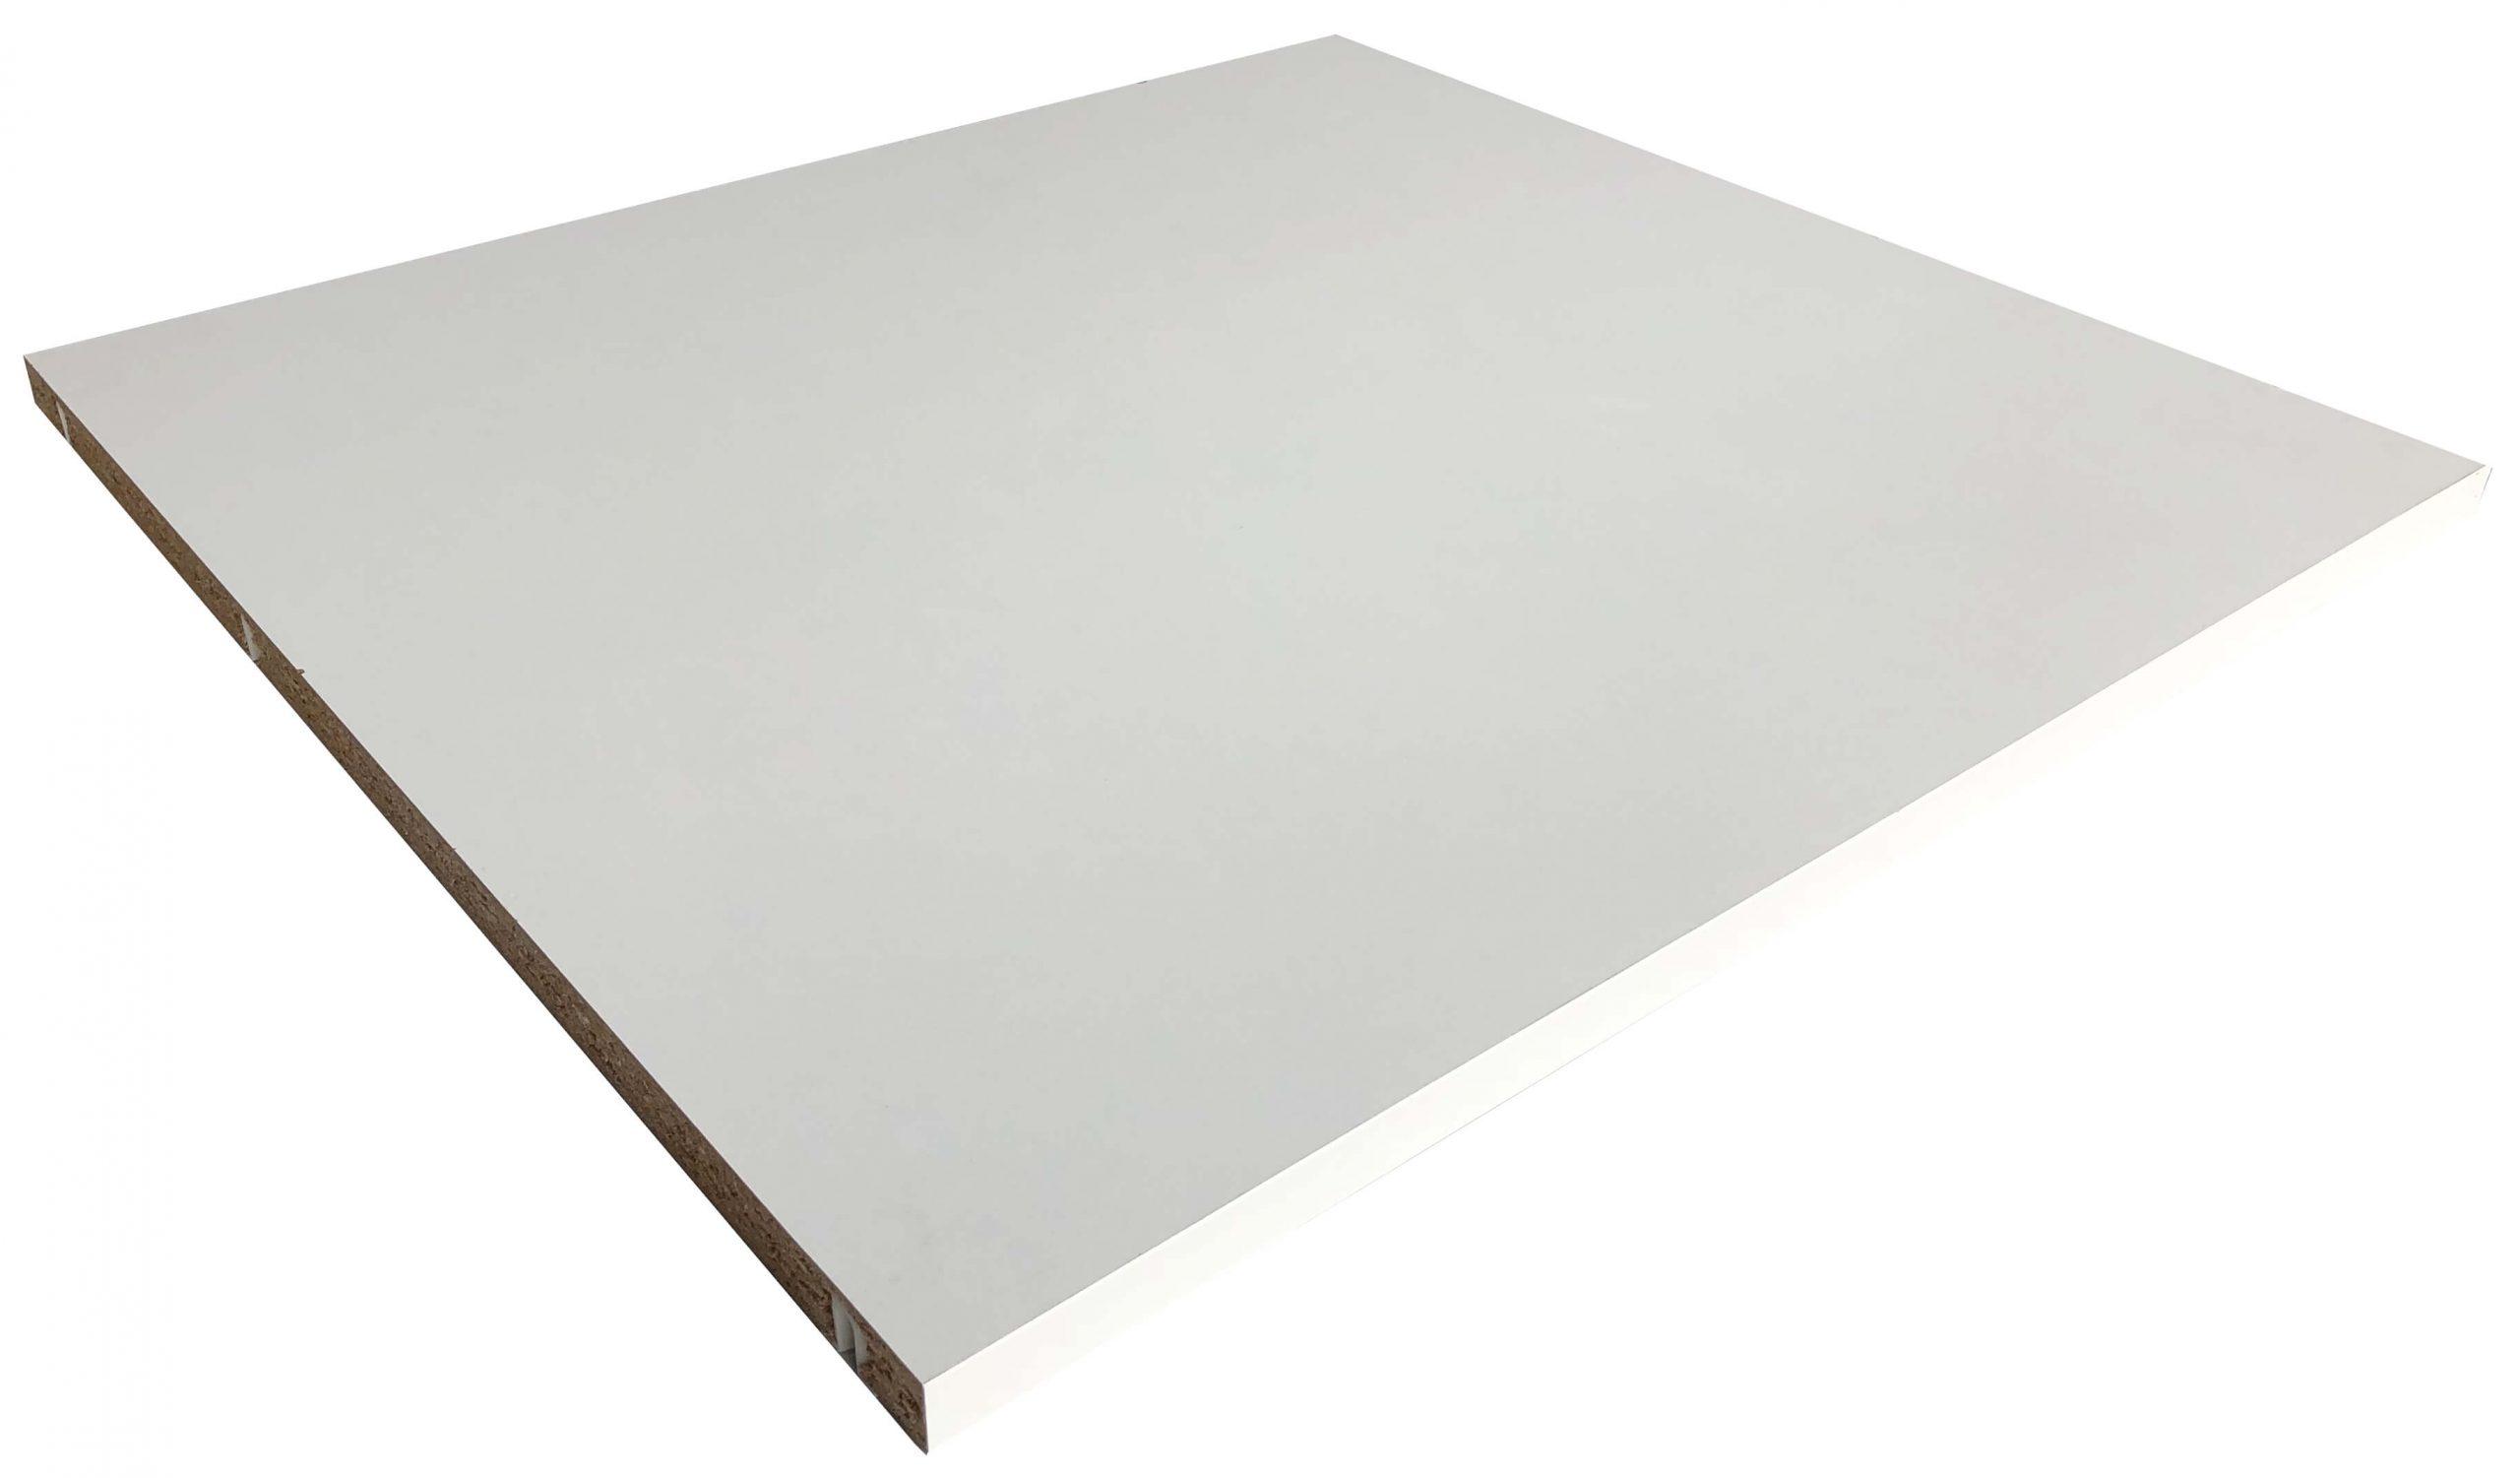 Full Size of Einlegeboden Küchenschrank 60 Cm Einlegeböden Küche Ikea Einlegeboden Schublade Küche Einlegeböden Küchenschränke Küche Einlegeböden Küche